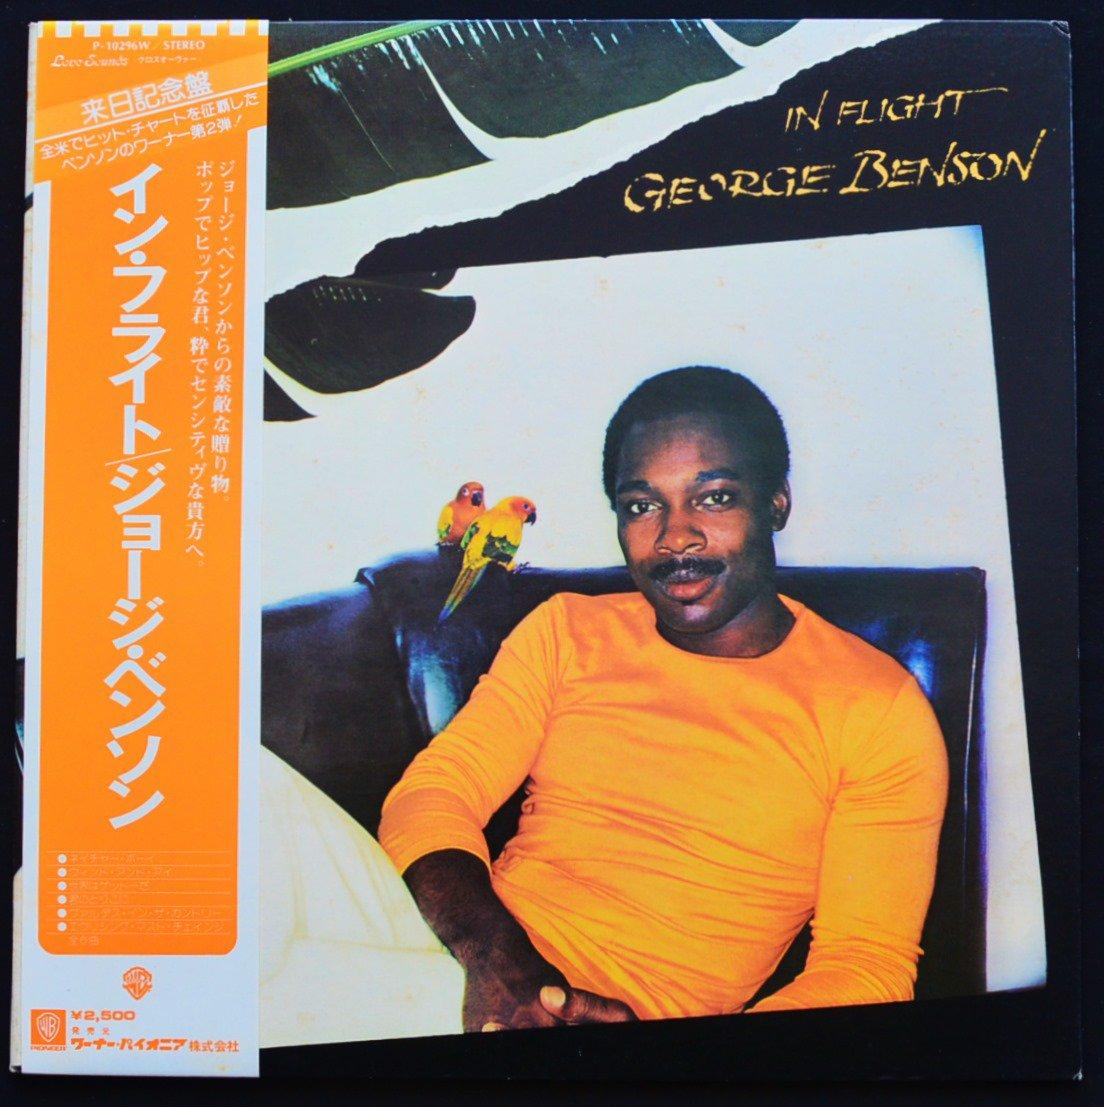 ジョージ・ベンソン GEORGE BENSON / イン・フライト IN FLIGHT (LP)